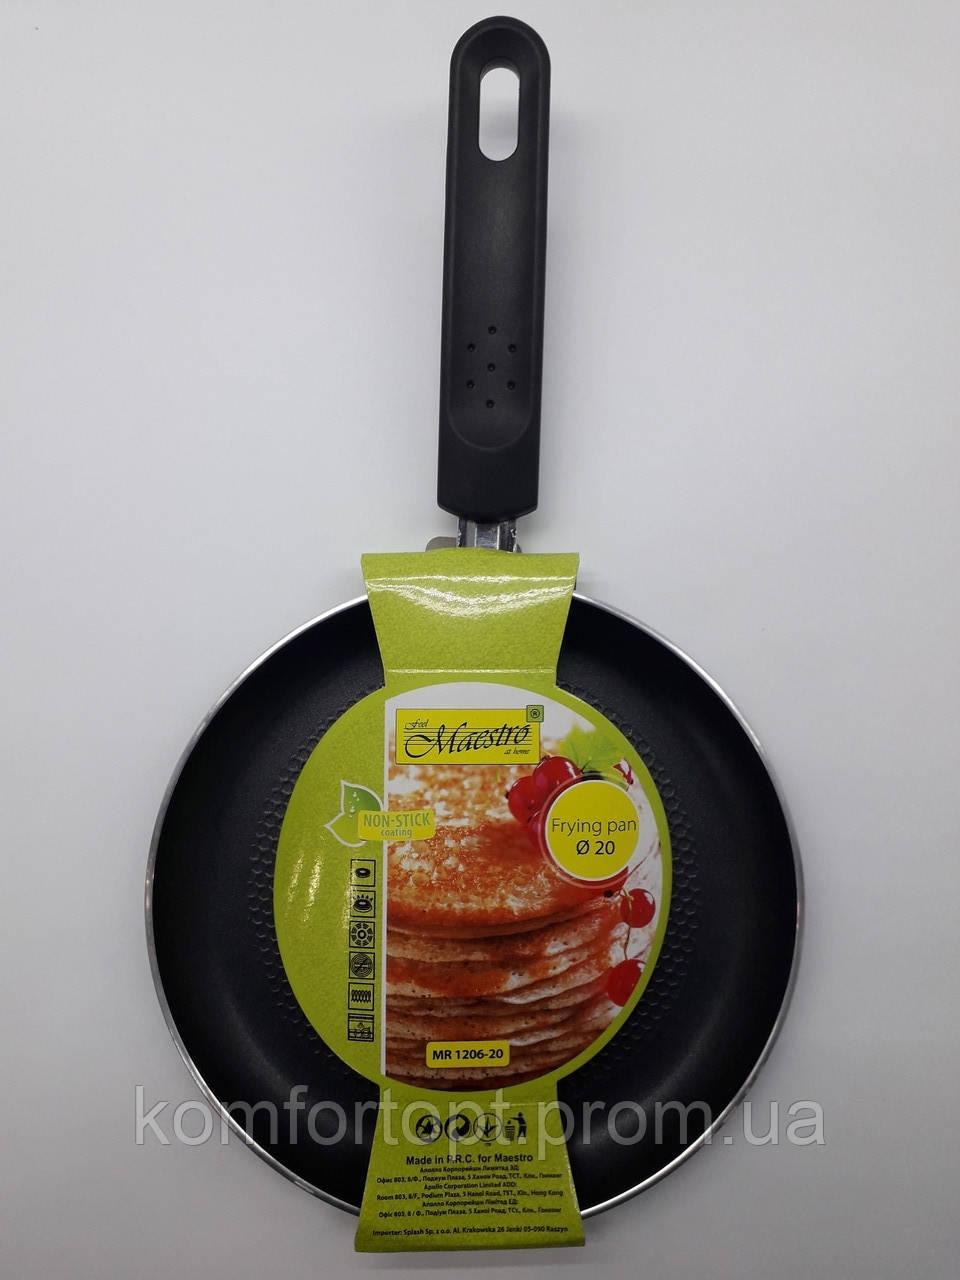 Сковорода блинная Maestro 20 см MR 1206-20